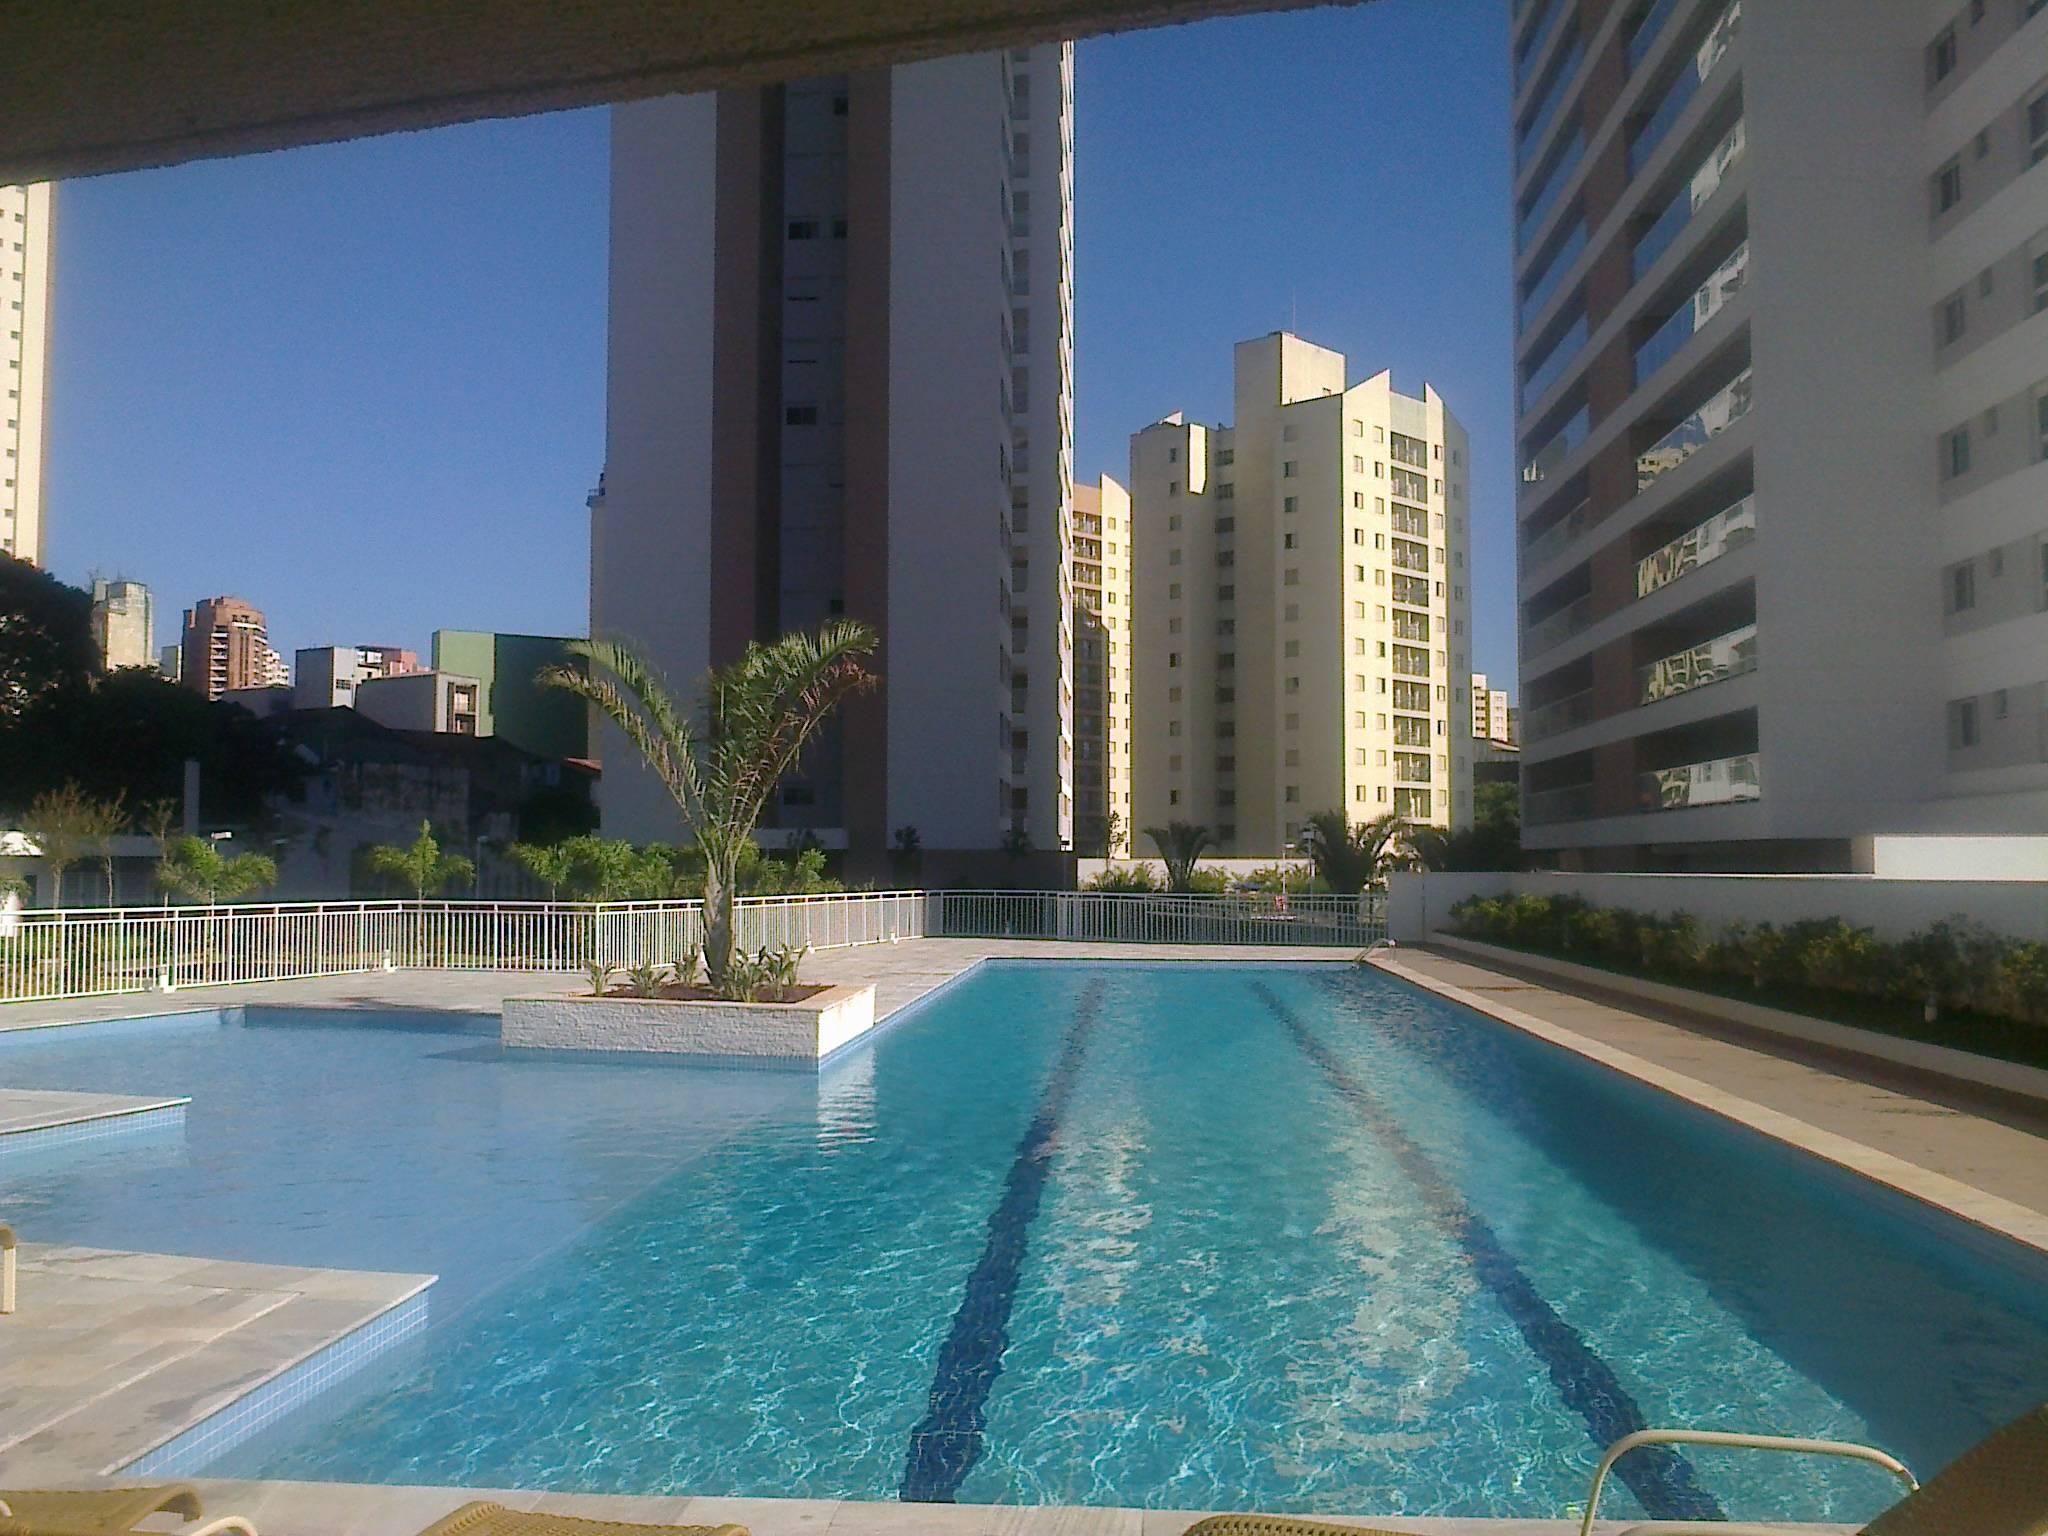 Manuten o de filtros de piscinas qualy tratus piscinas for Filtros piscinas